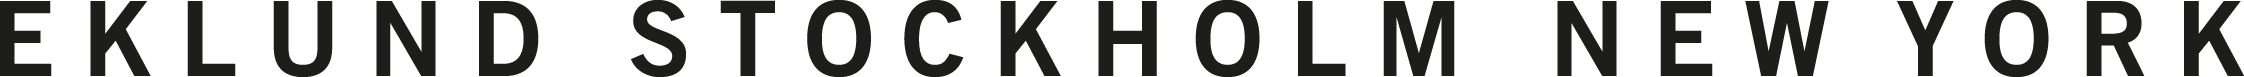 esny logo